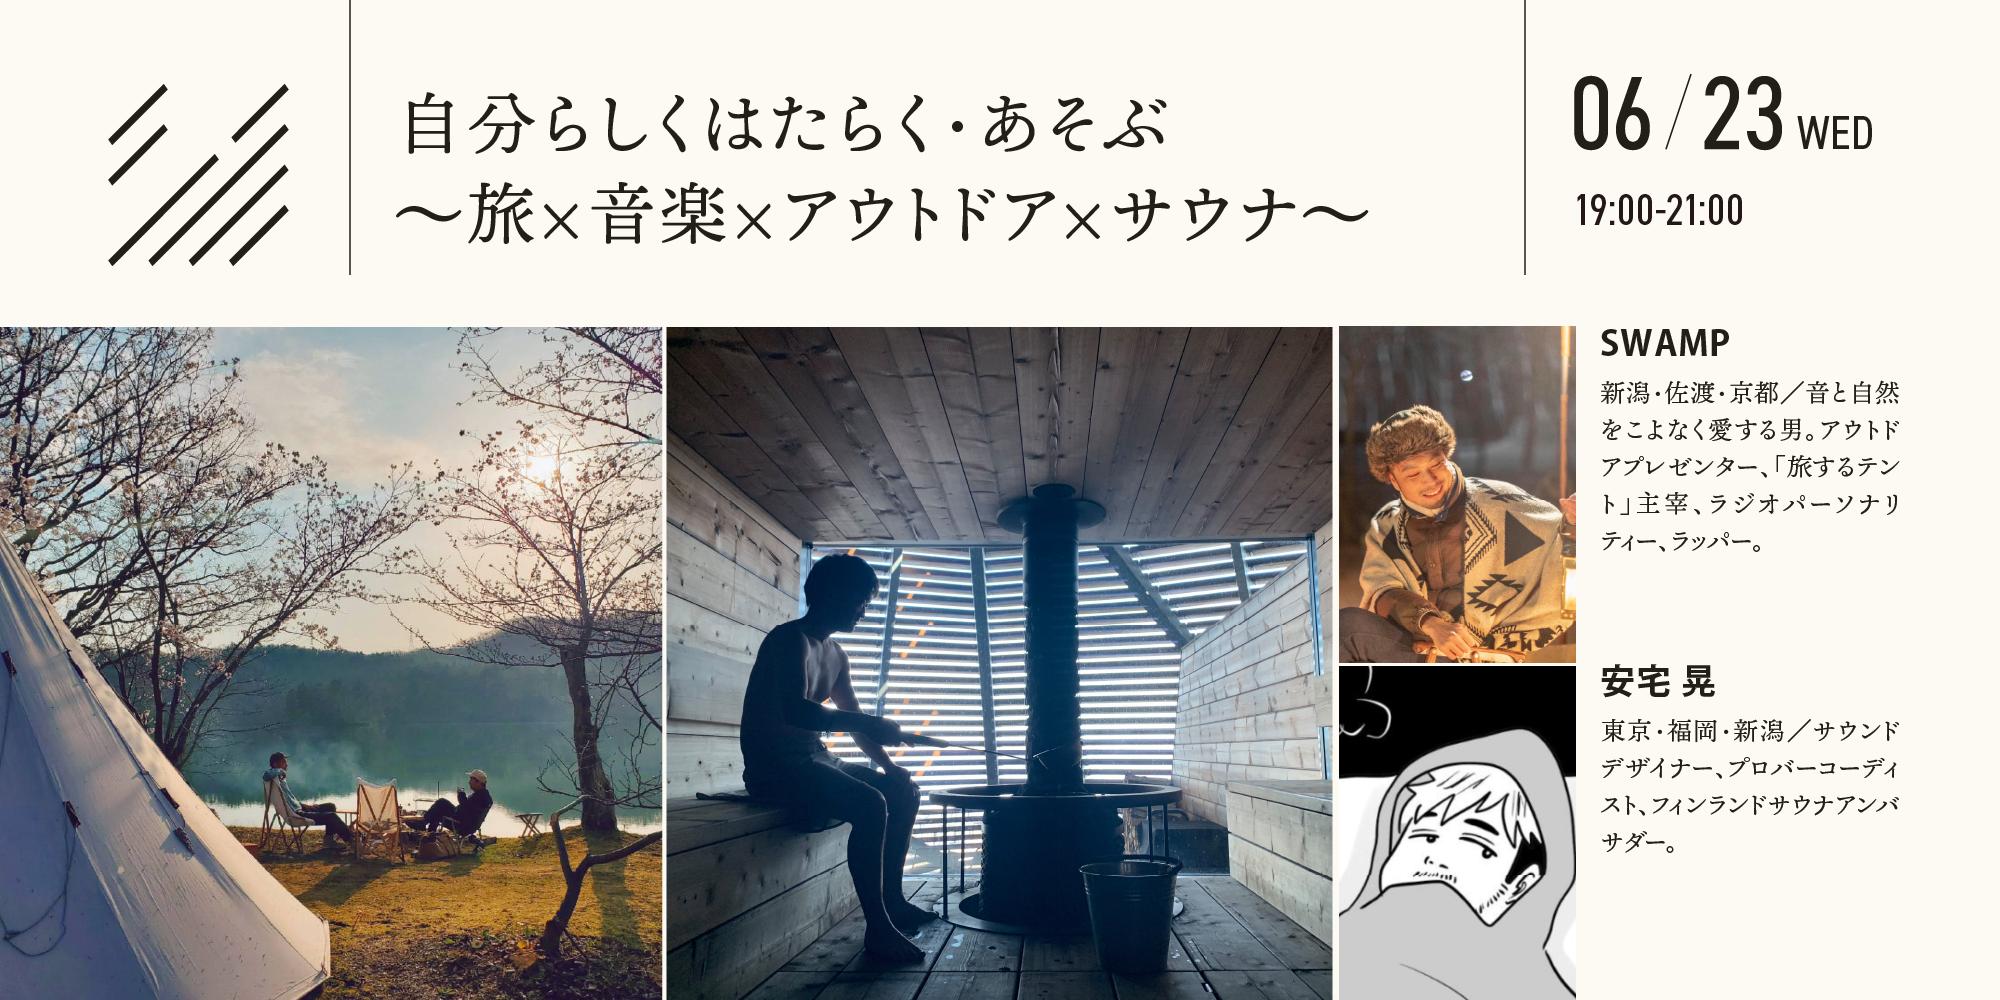 自分らしくはたらく・あそぶ ~旅×音楽×アウトドア×サウナ~